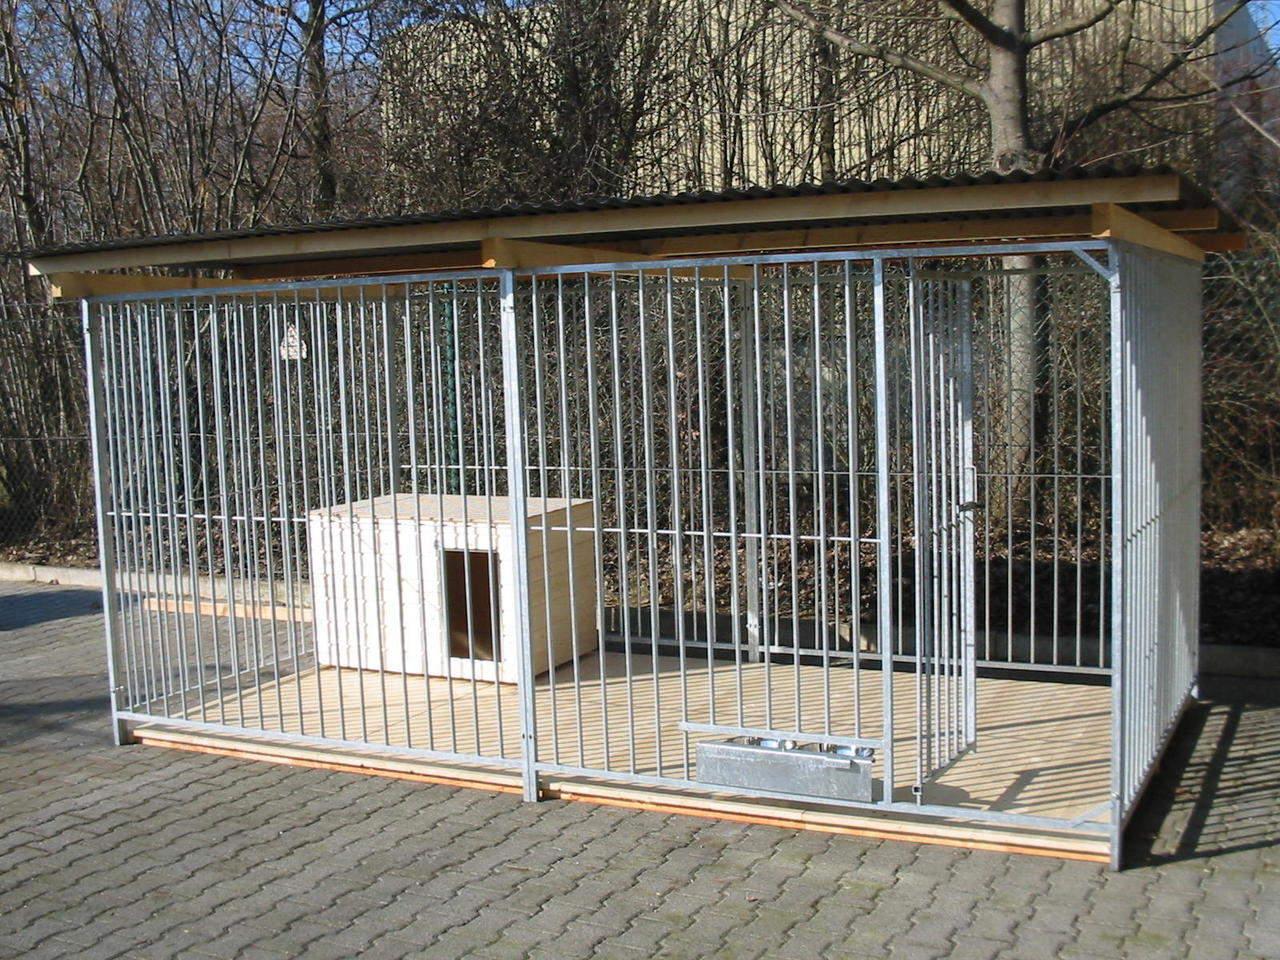 Rohrstabzwinger Sonderserie 2x4 m mit Zusatzausstattung gegen Aufpreis: Holzboden, Hundehütte und ausschwenkbares Futtersetv